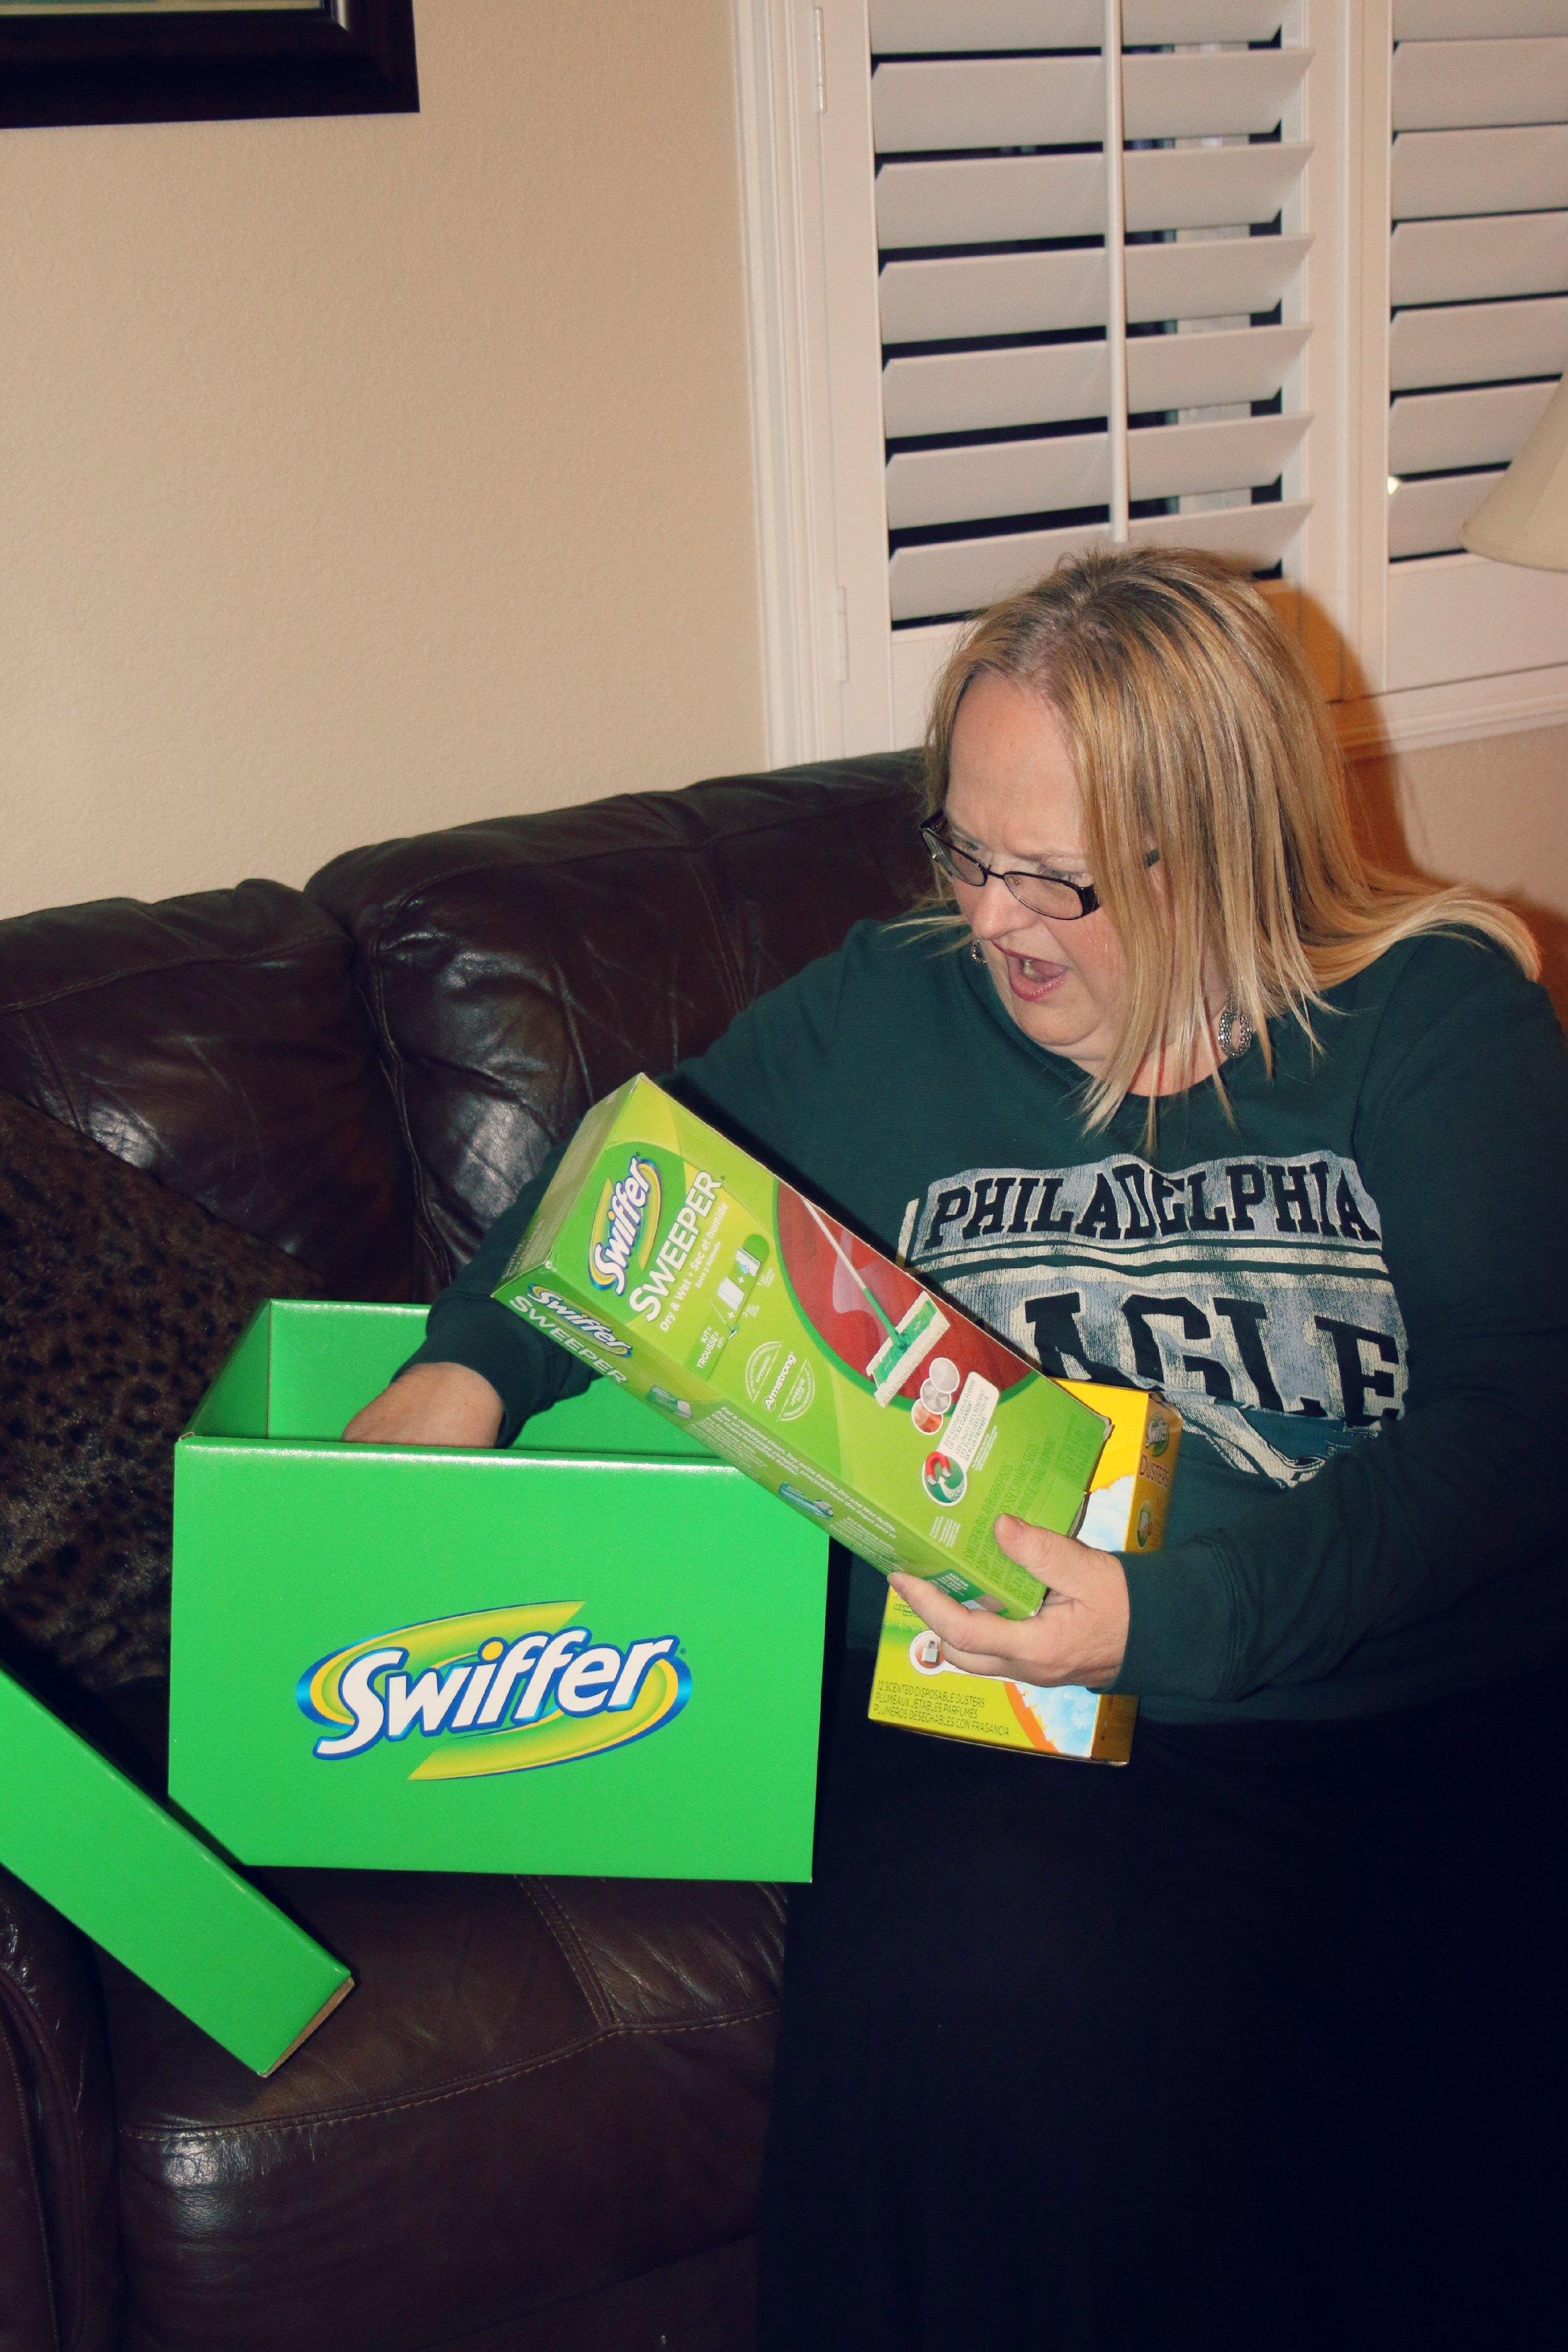 swiffer big green box